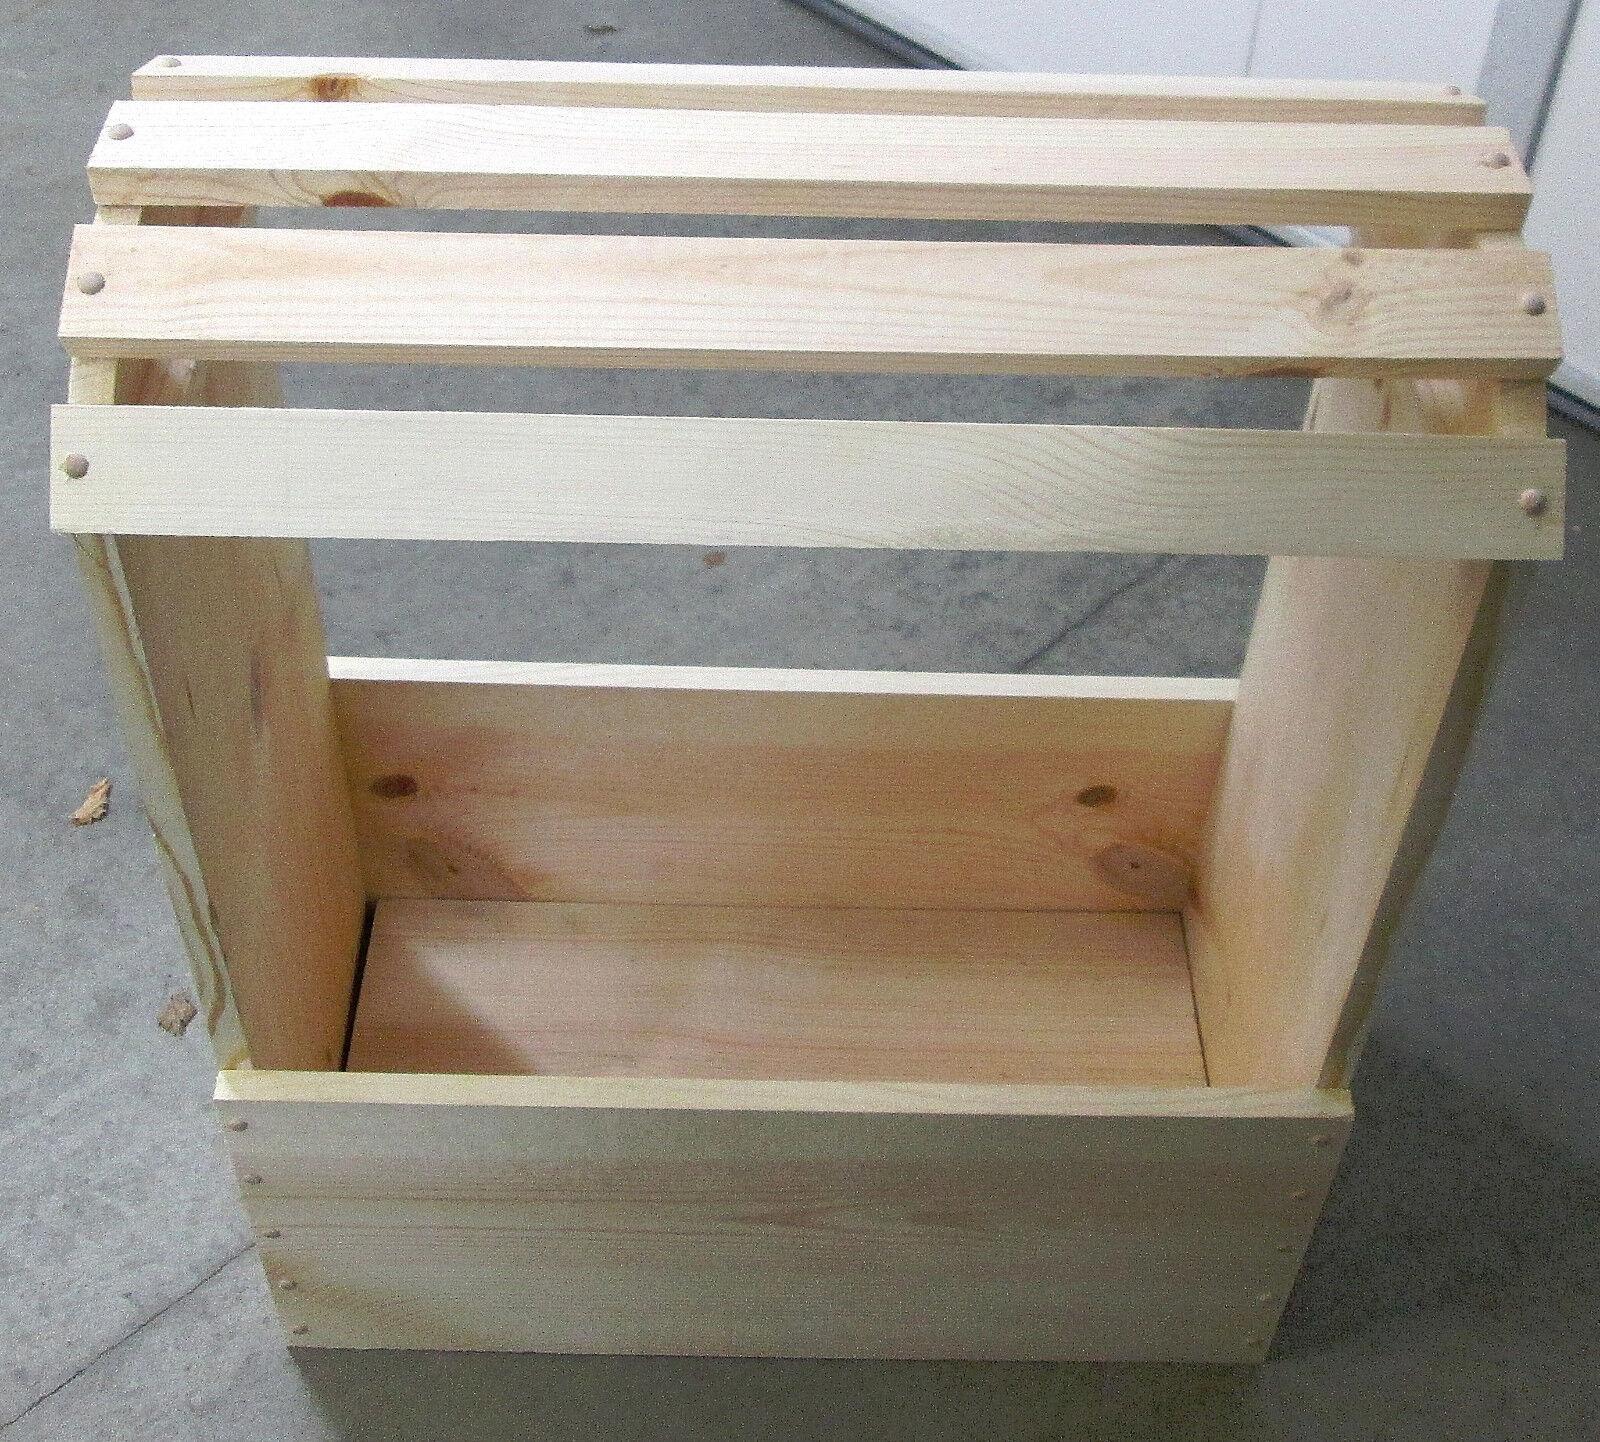 Silla De Montar Soporte de madera o en rack sin rematar y listo para la mancha o pintura